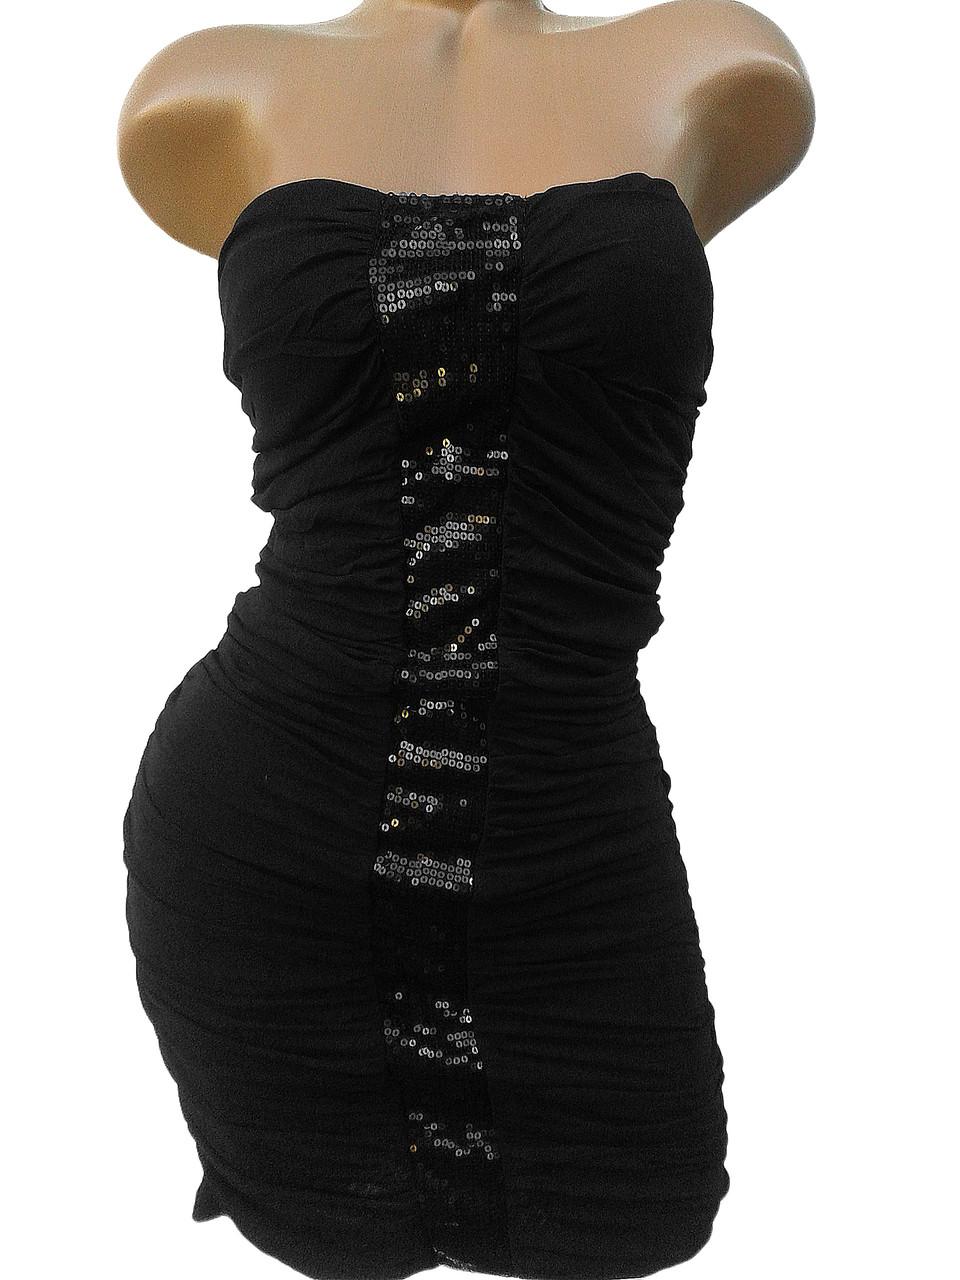 Нарядное платье-мини с плотными чашечками (44-46)